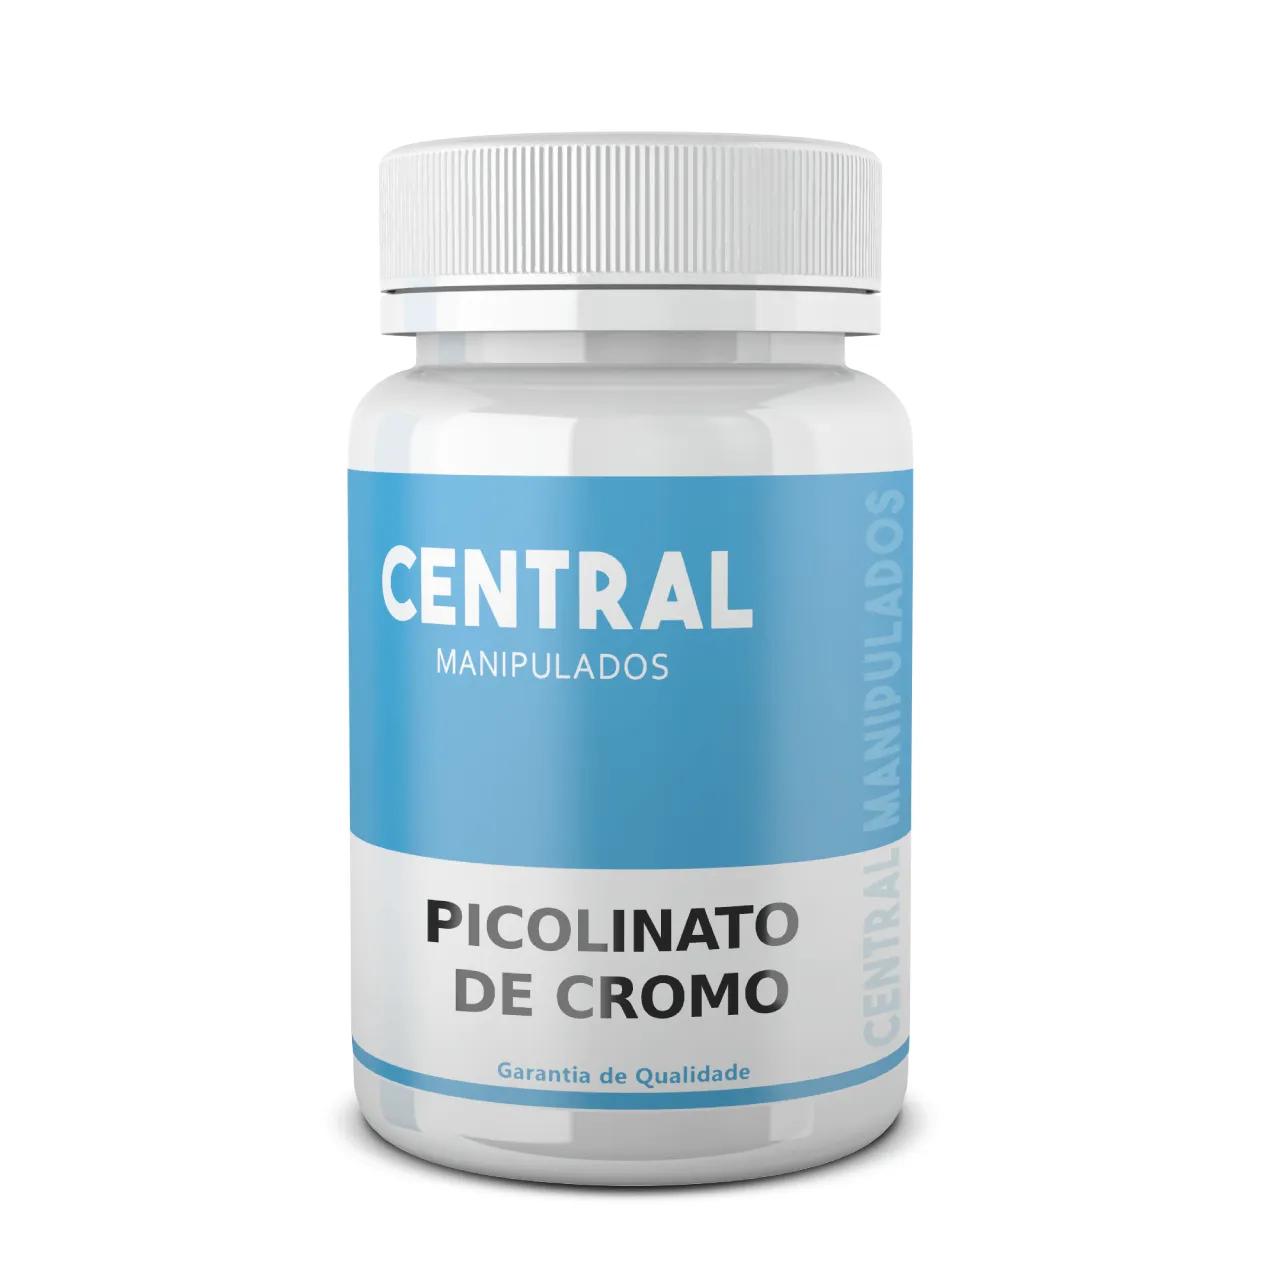 Picolinato de Cromo 350mcg - 120 cápsulas - Reduz Vontade por Doces, Melhora colesterol e triglicérideos altos, Diabetes, Obesidade